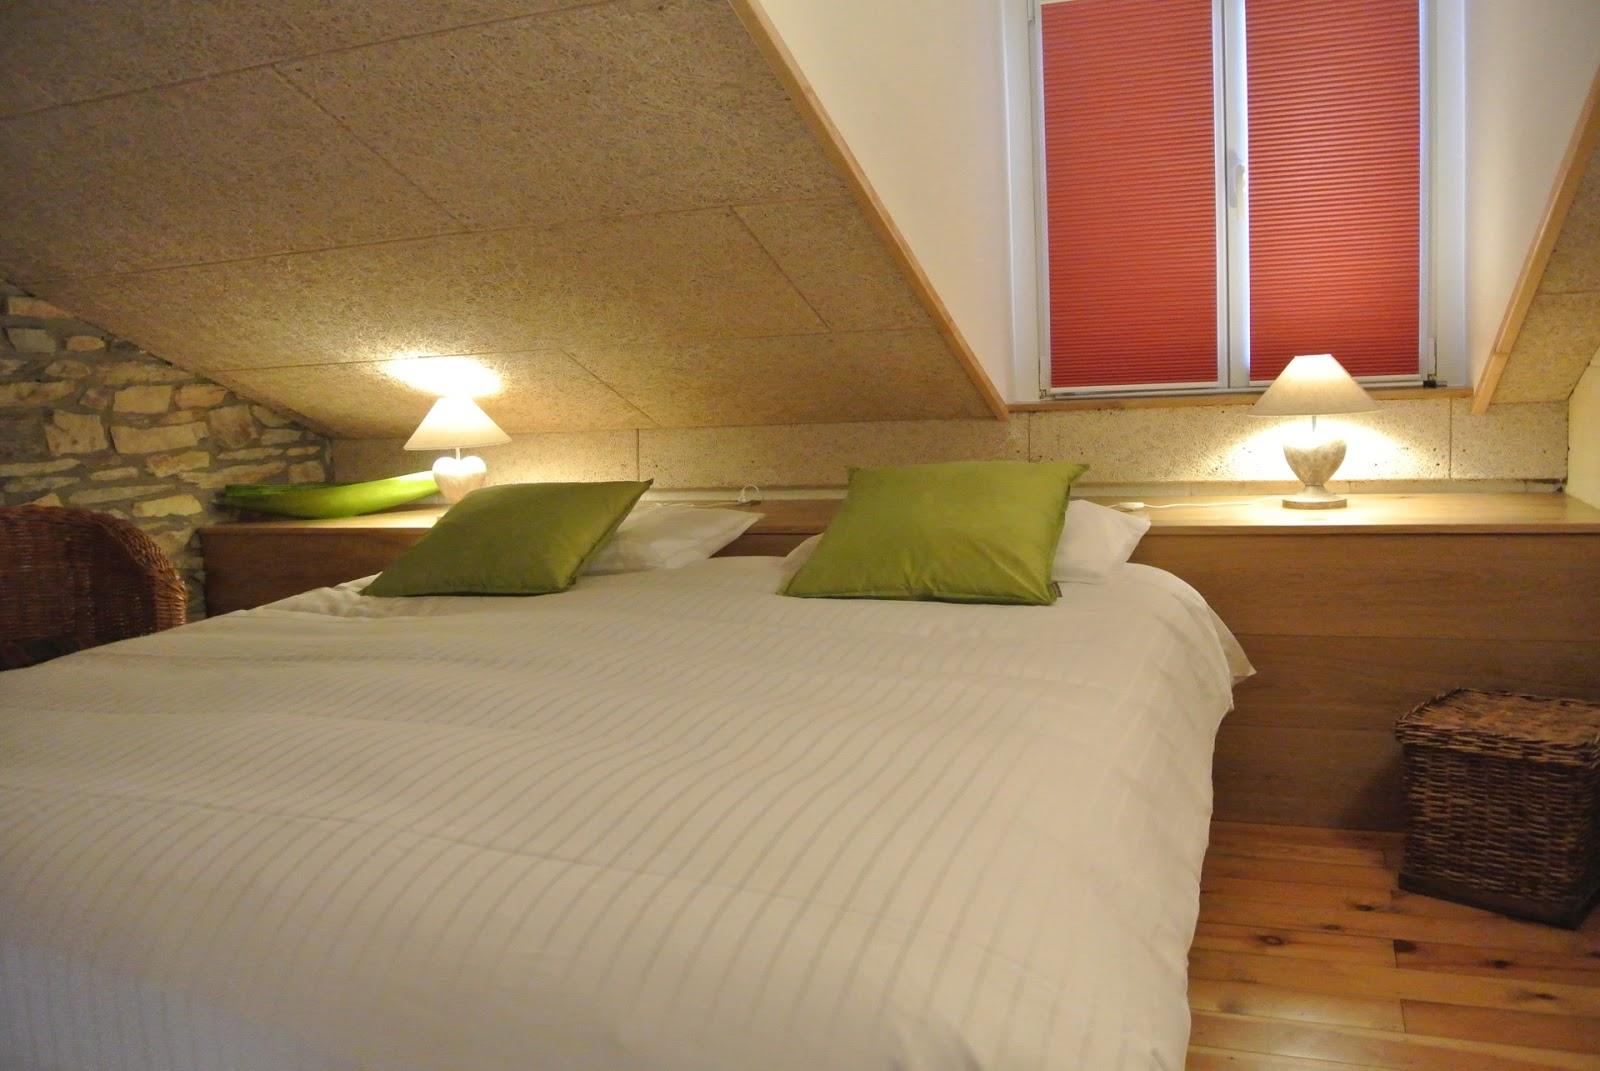 Domaine de l 39 alu vakantie appartement a luxe 2 kamers 50m 2 personen met infrarood cabine - Kind ruimte luxe ...